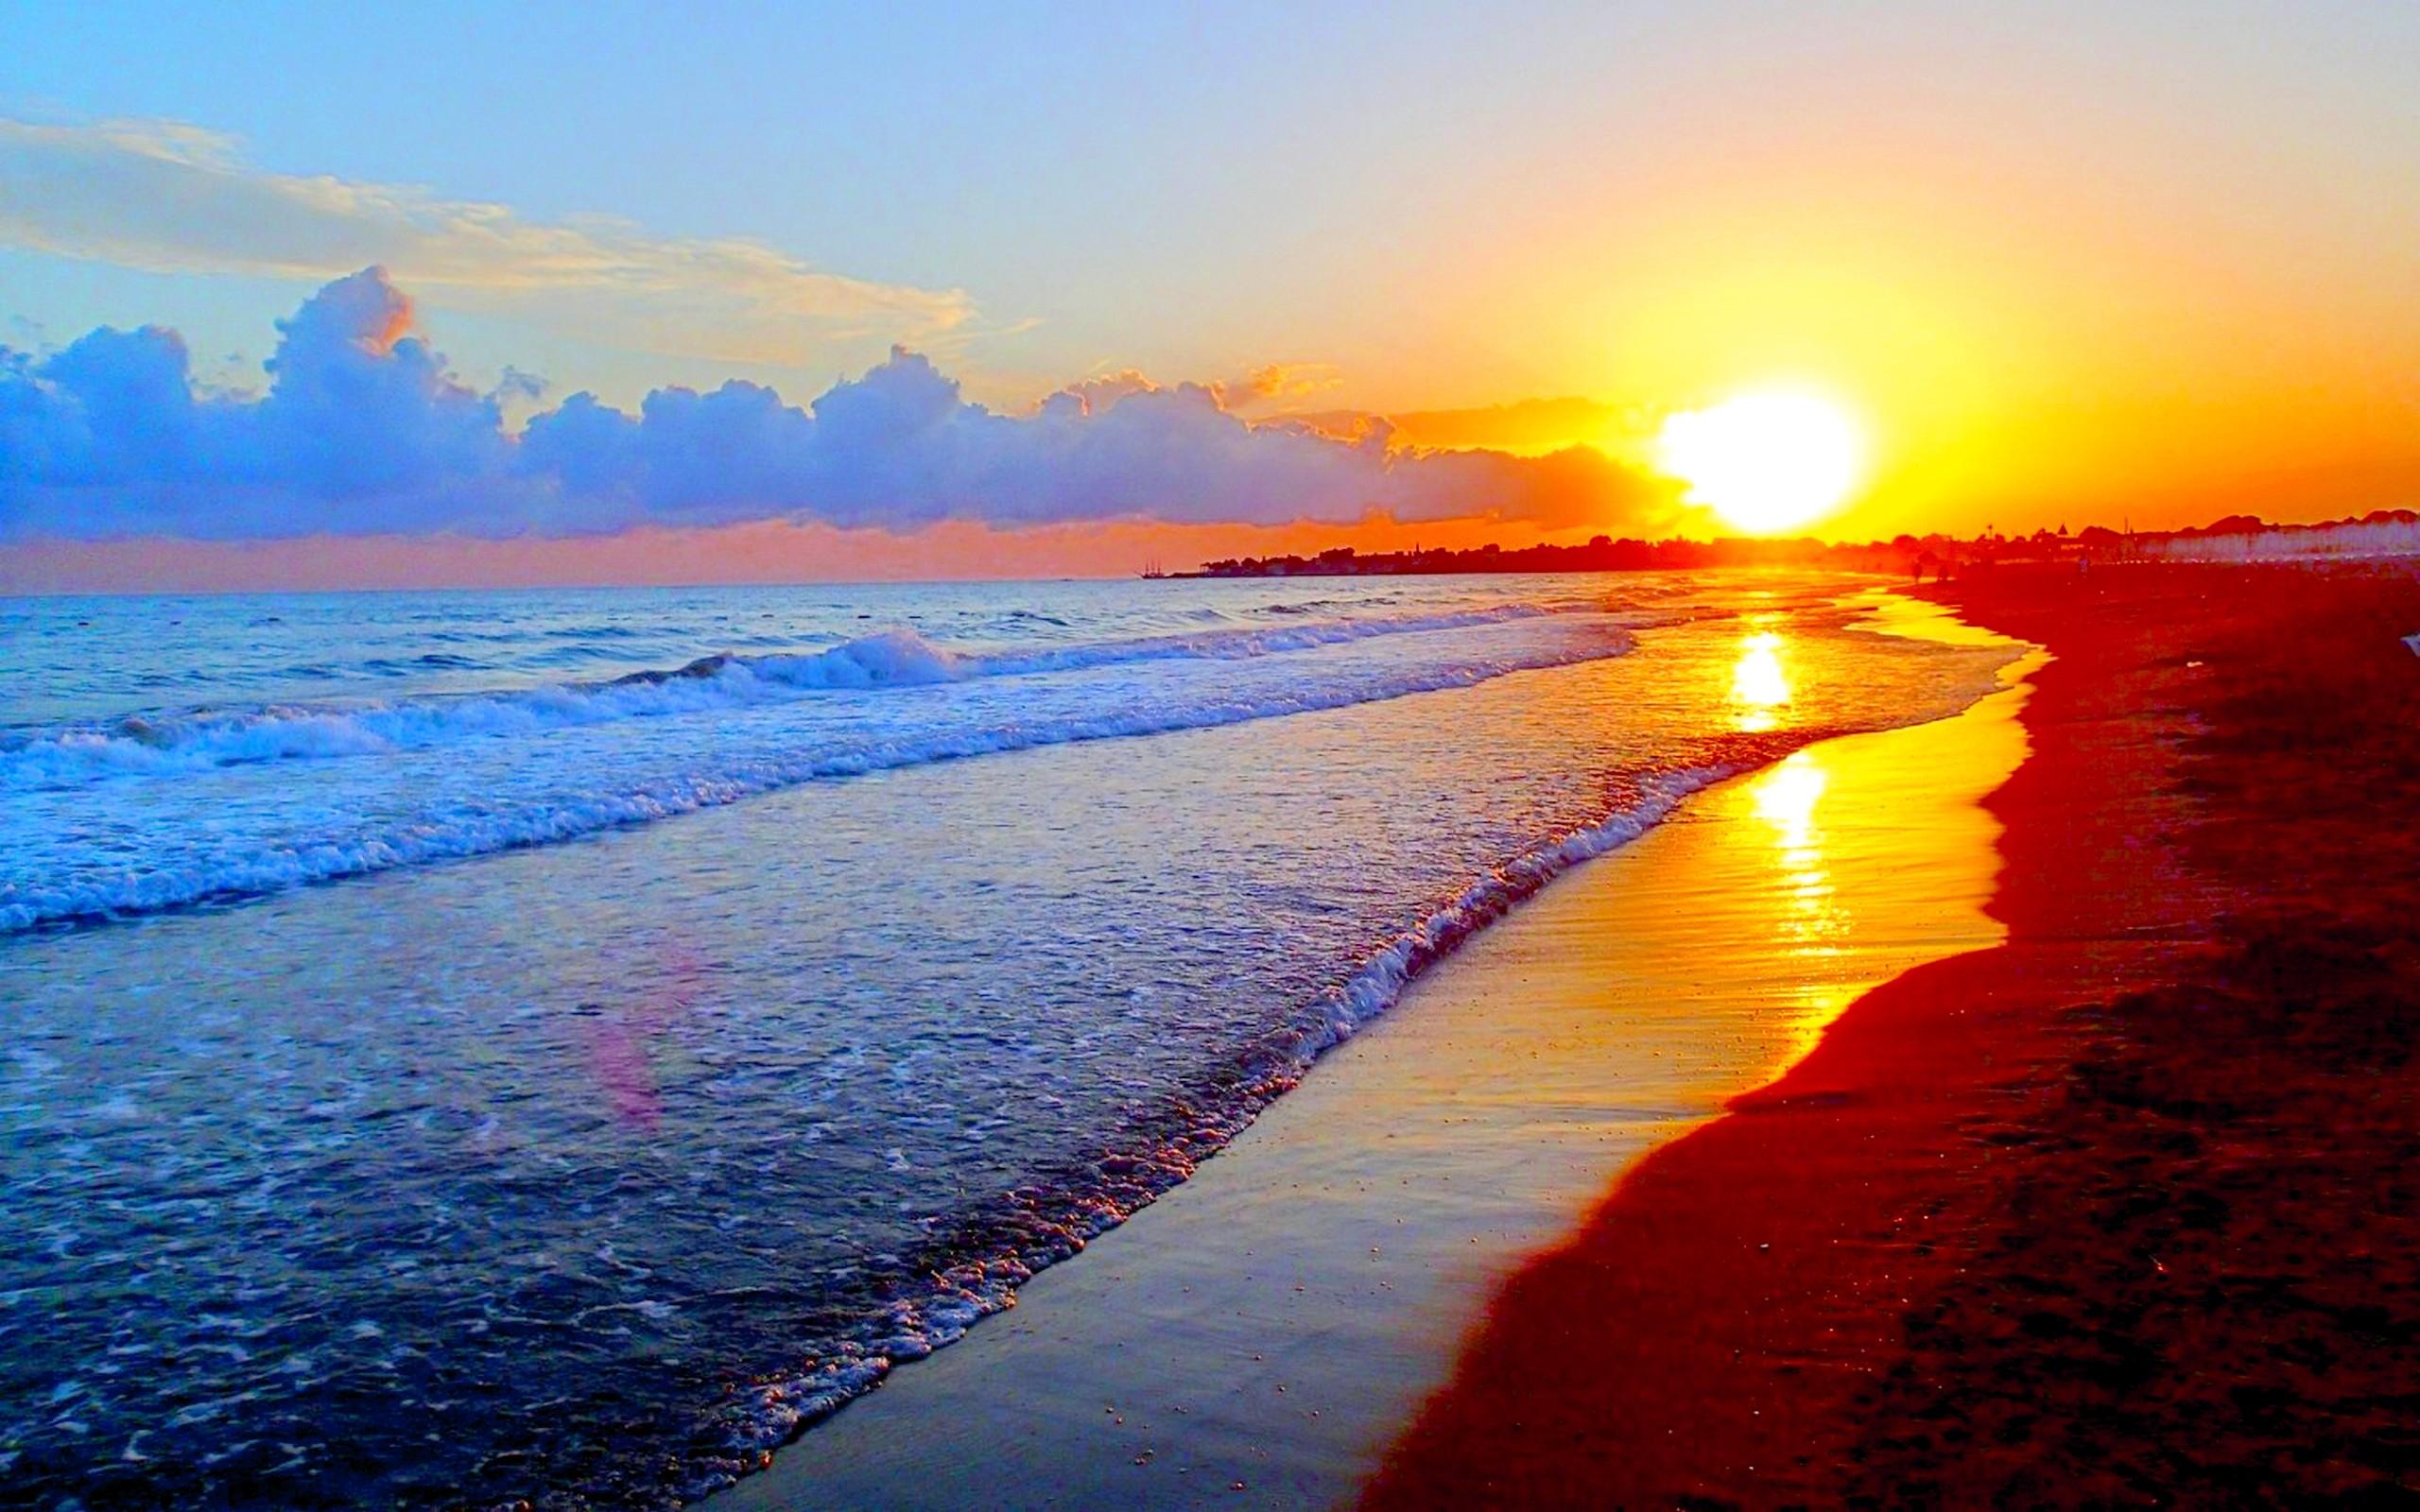 Mùa hè nắng phủ bờ biển